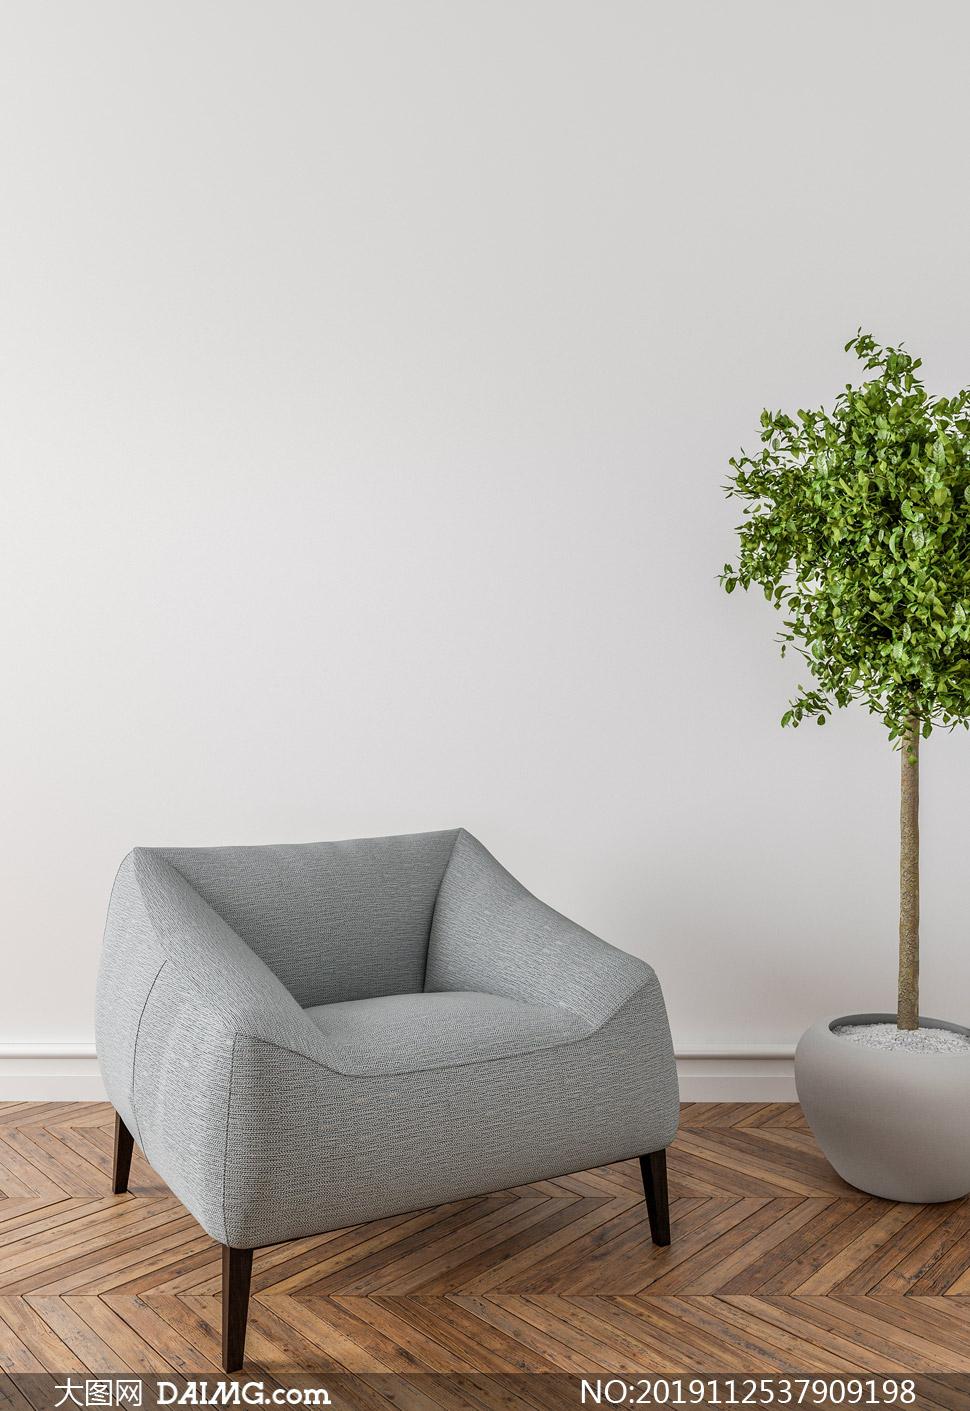 房间绿叶植物与单人位沙发高清图片